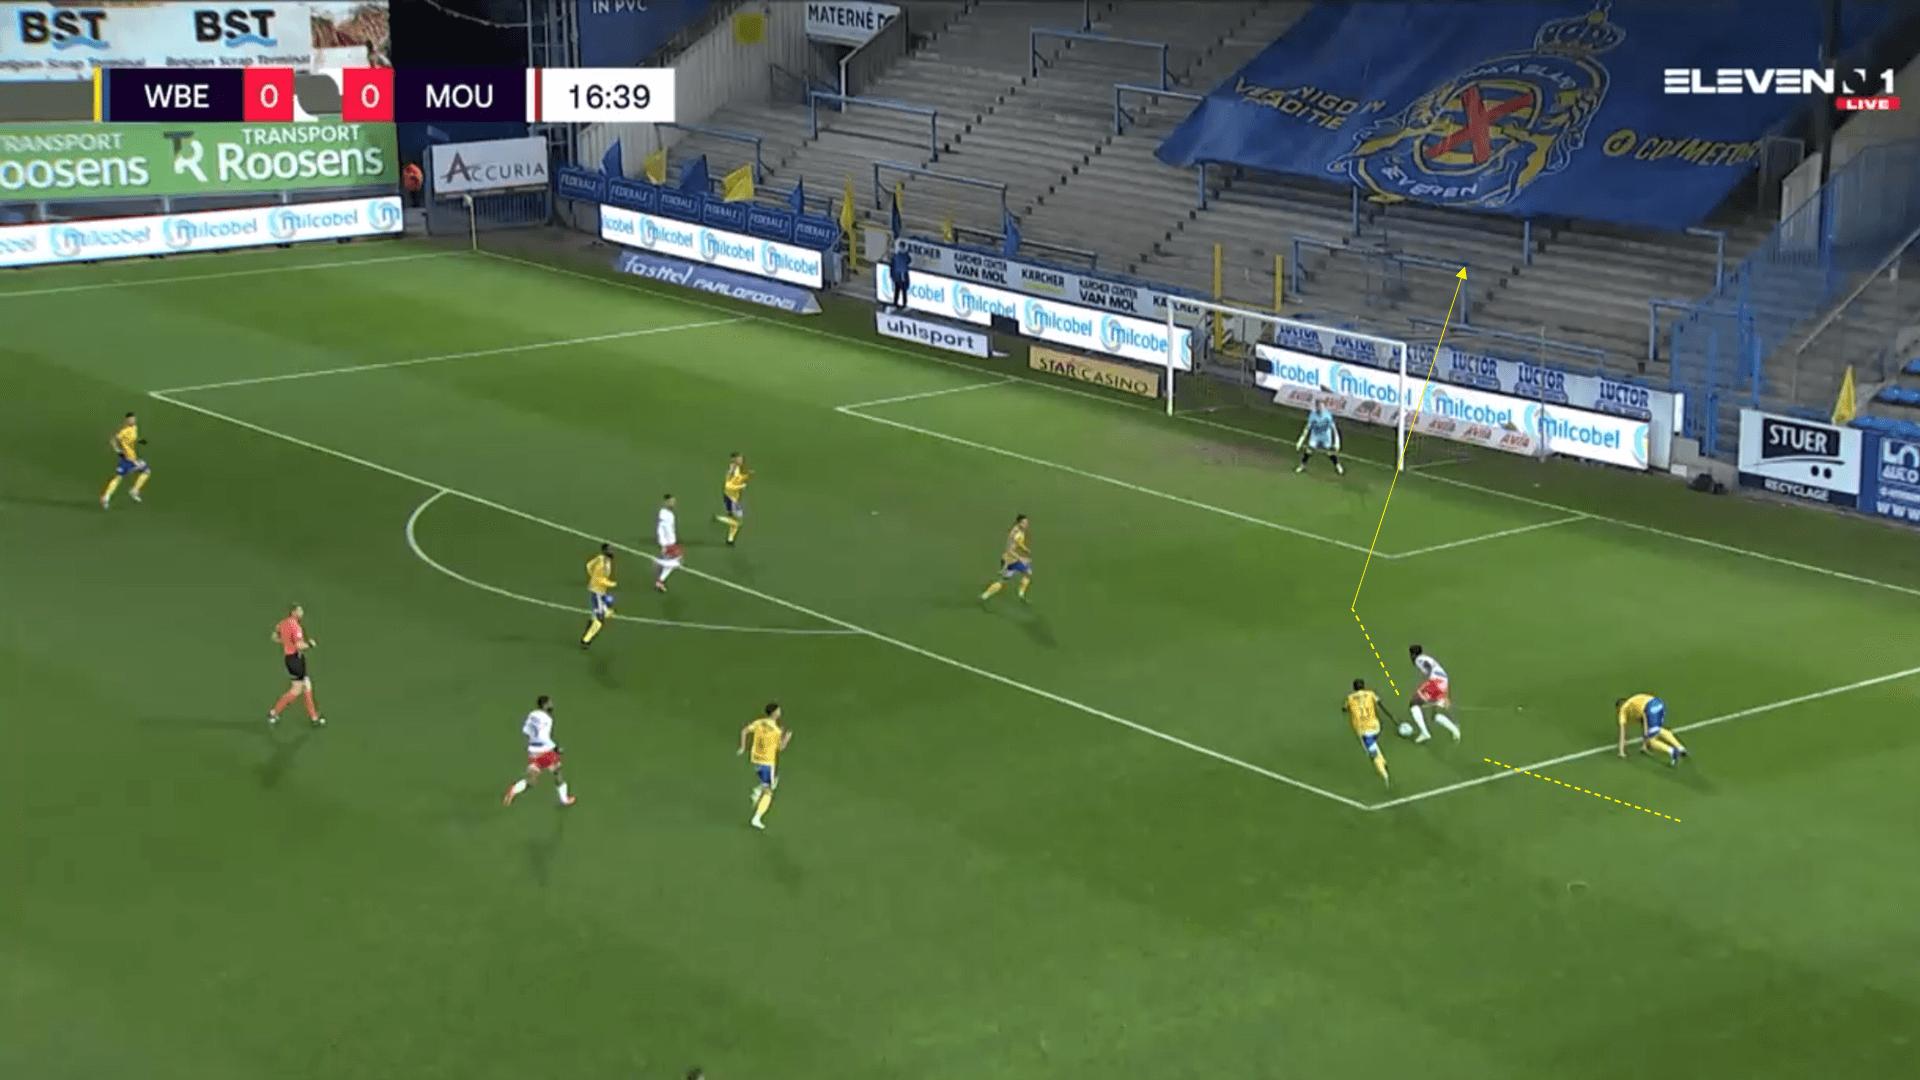 Belgian Pro League 2020/21 - Waasland Beveren v Royal Mouscron - tactical analysis tactics